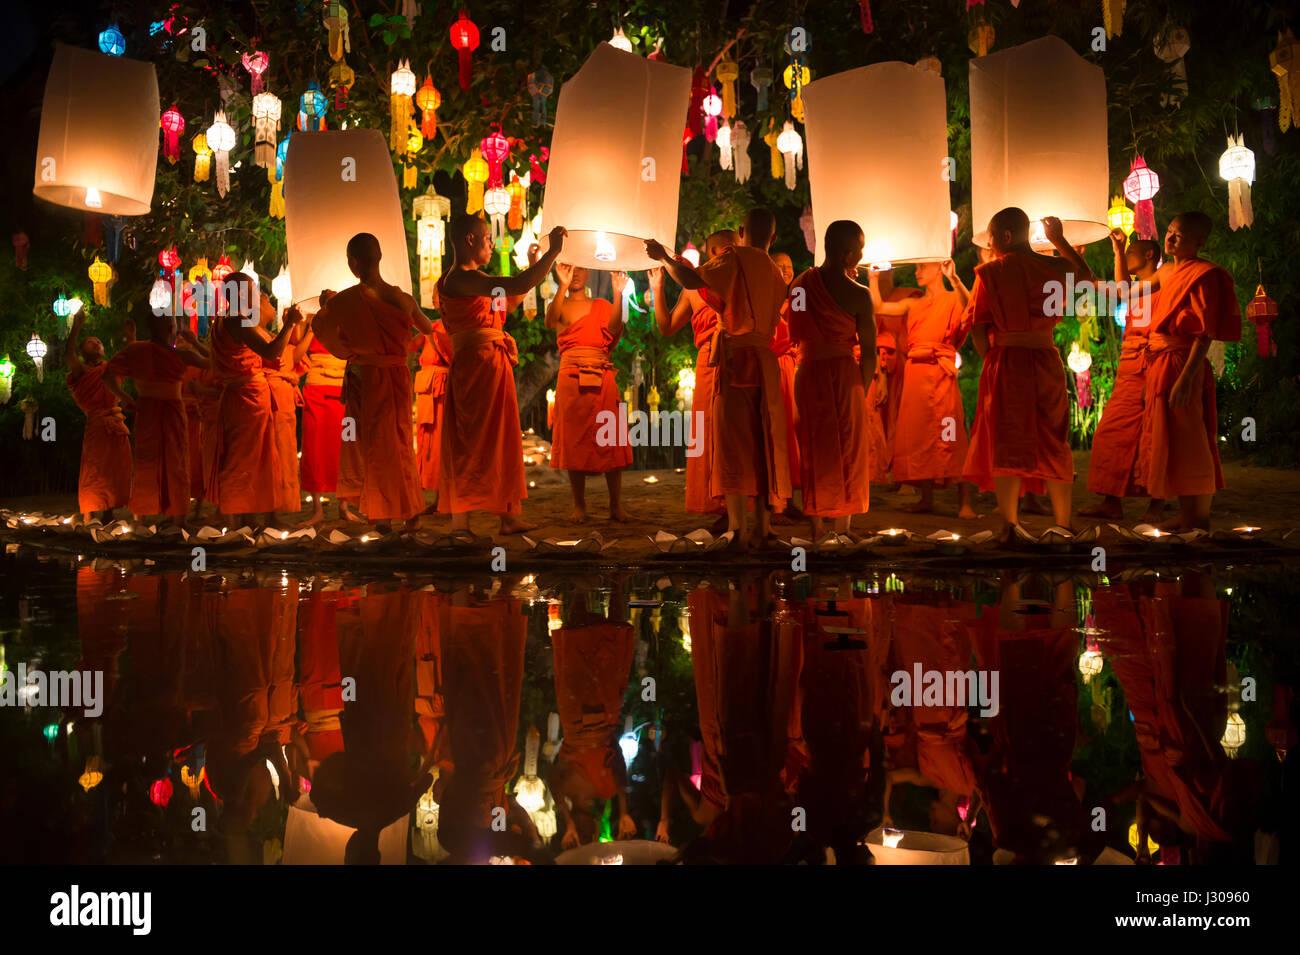 CHIANG MAI, Thailandia - 7 Novembre 2014: giovani monaci buddisti in arancione vesti lancio lanterne sky all annuale Immagini Stock